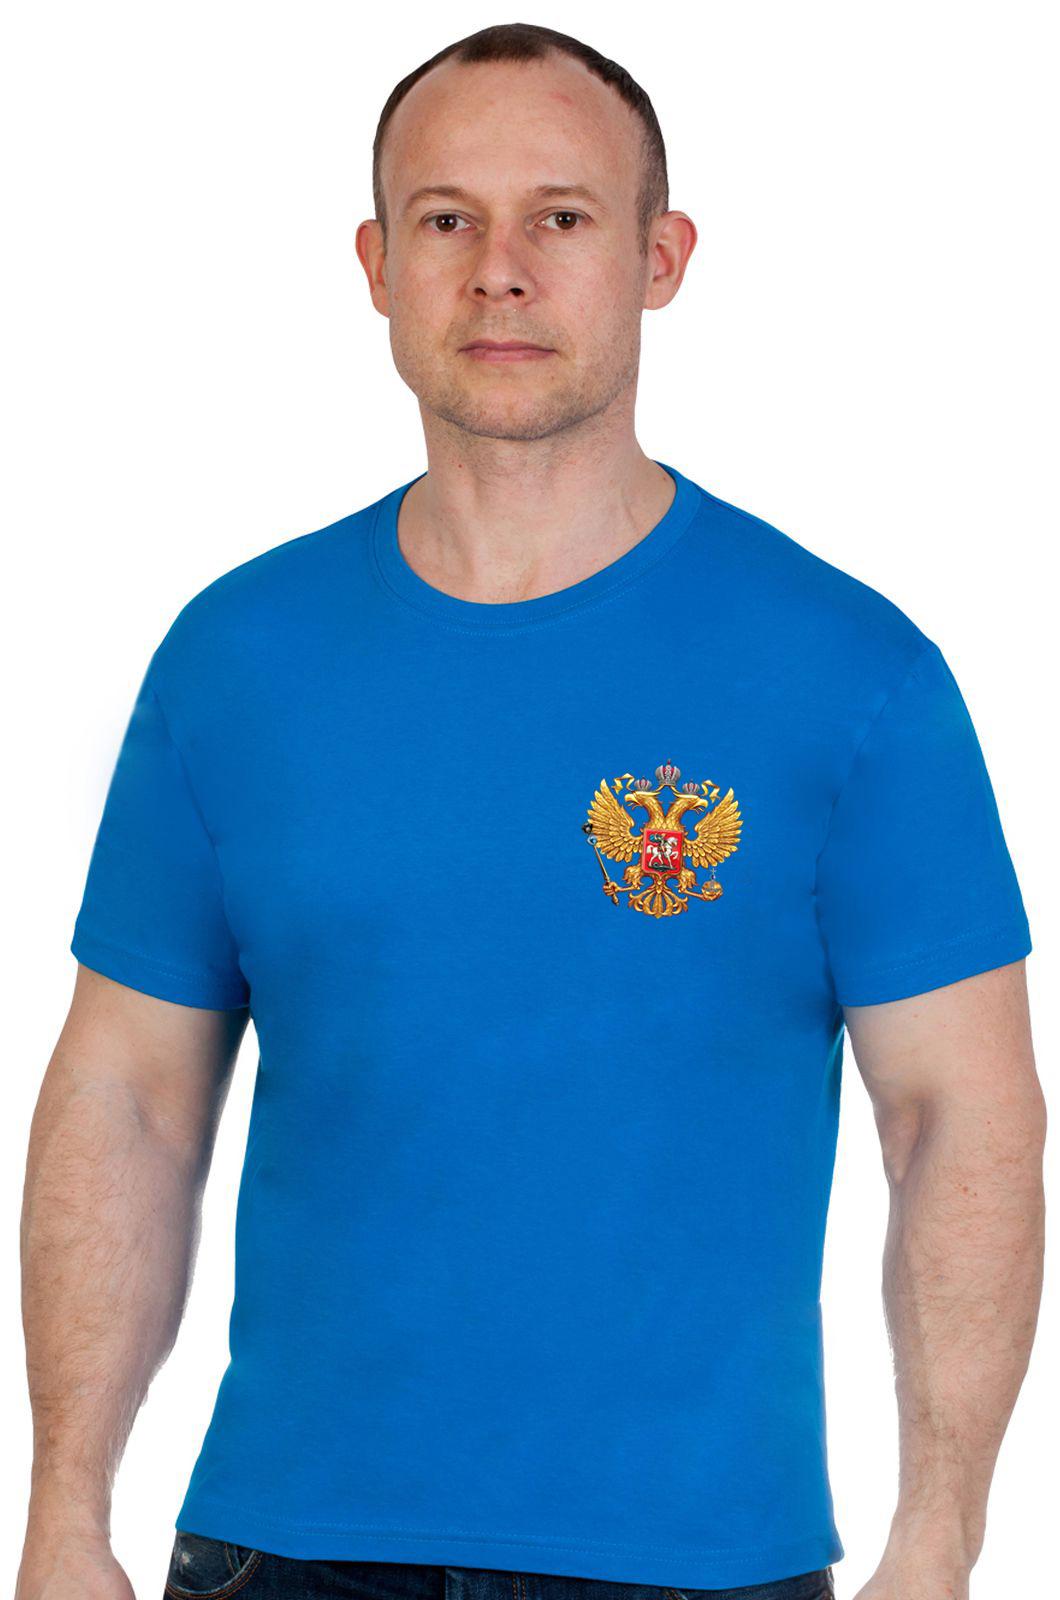 Купить комфортную синюю футболку Россия оптом или в розницу